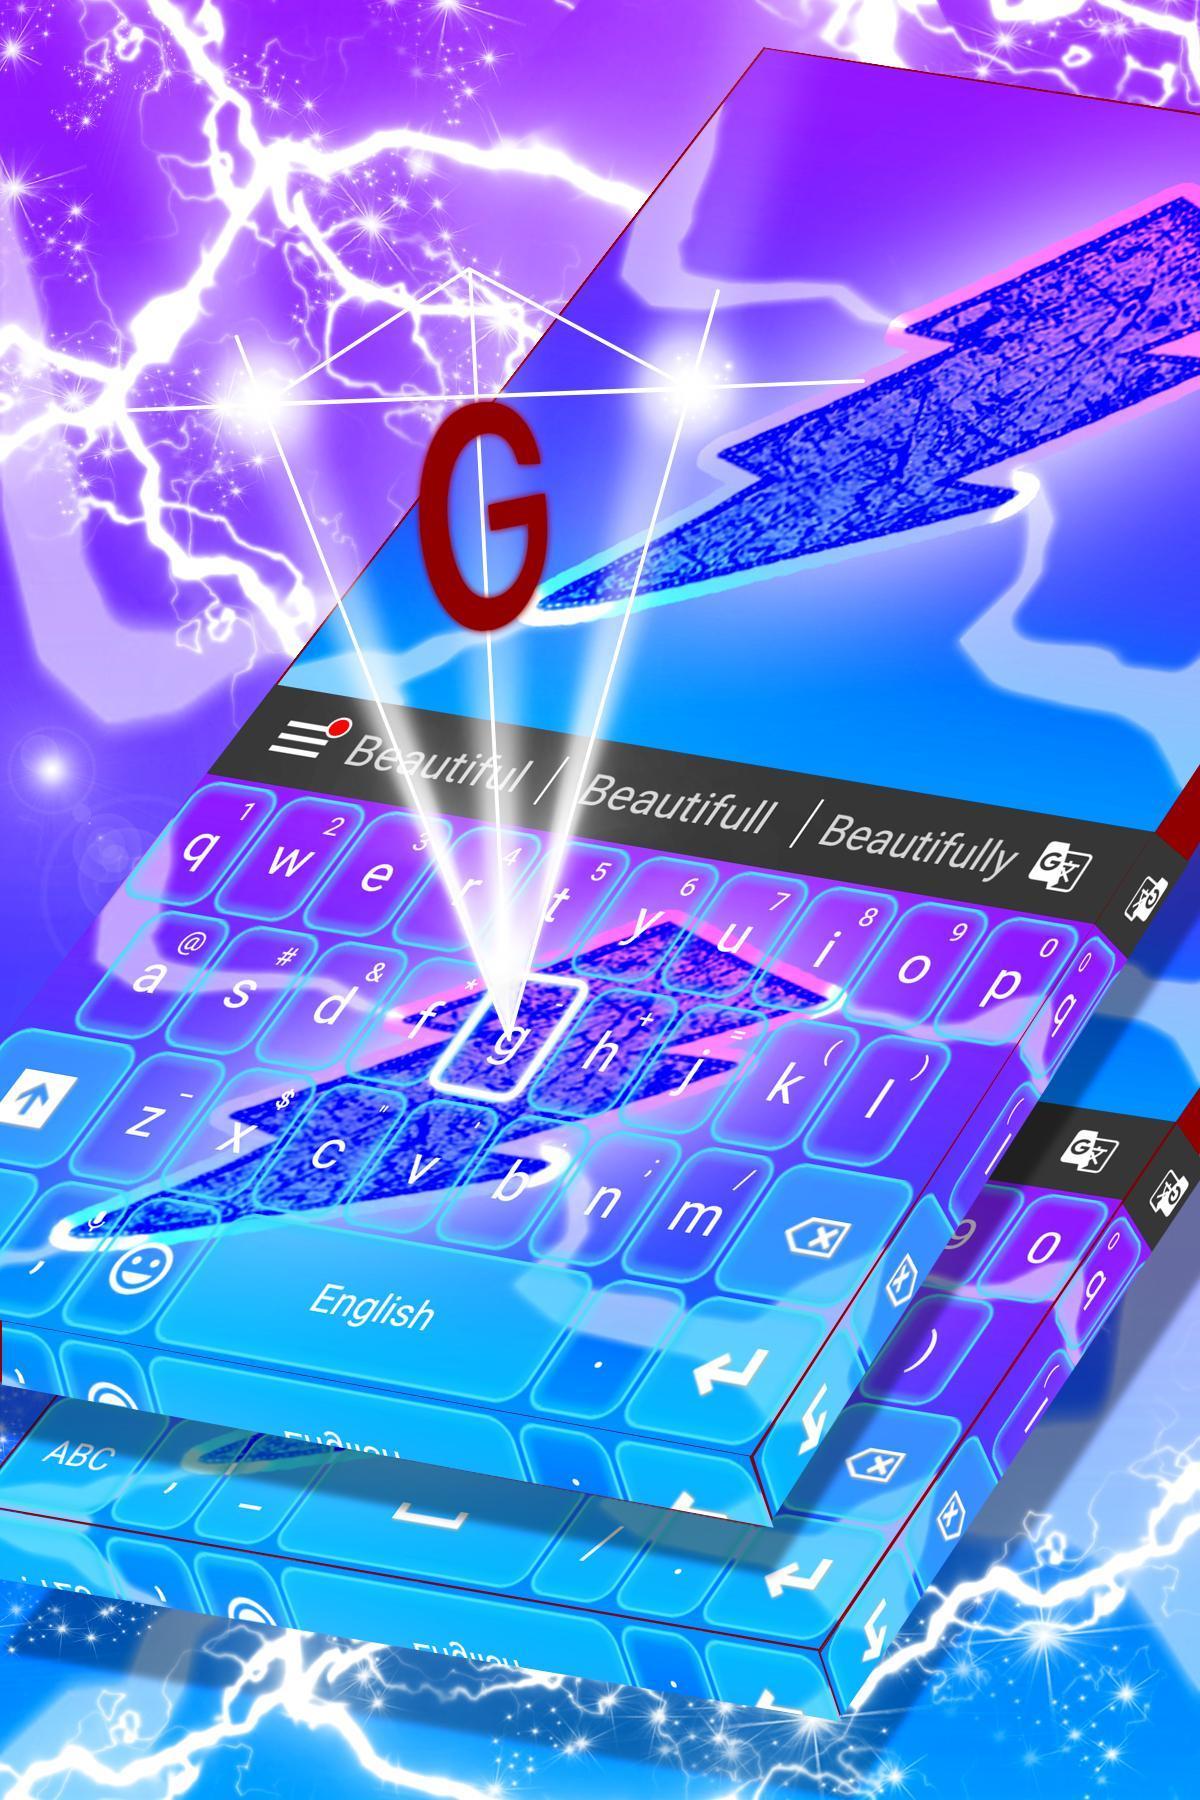 Flash Theme For Keyboard 2018 screenshot 1